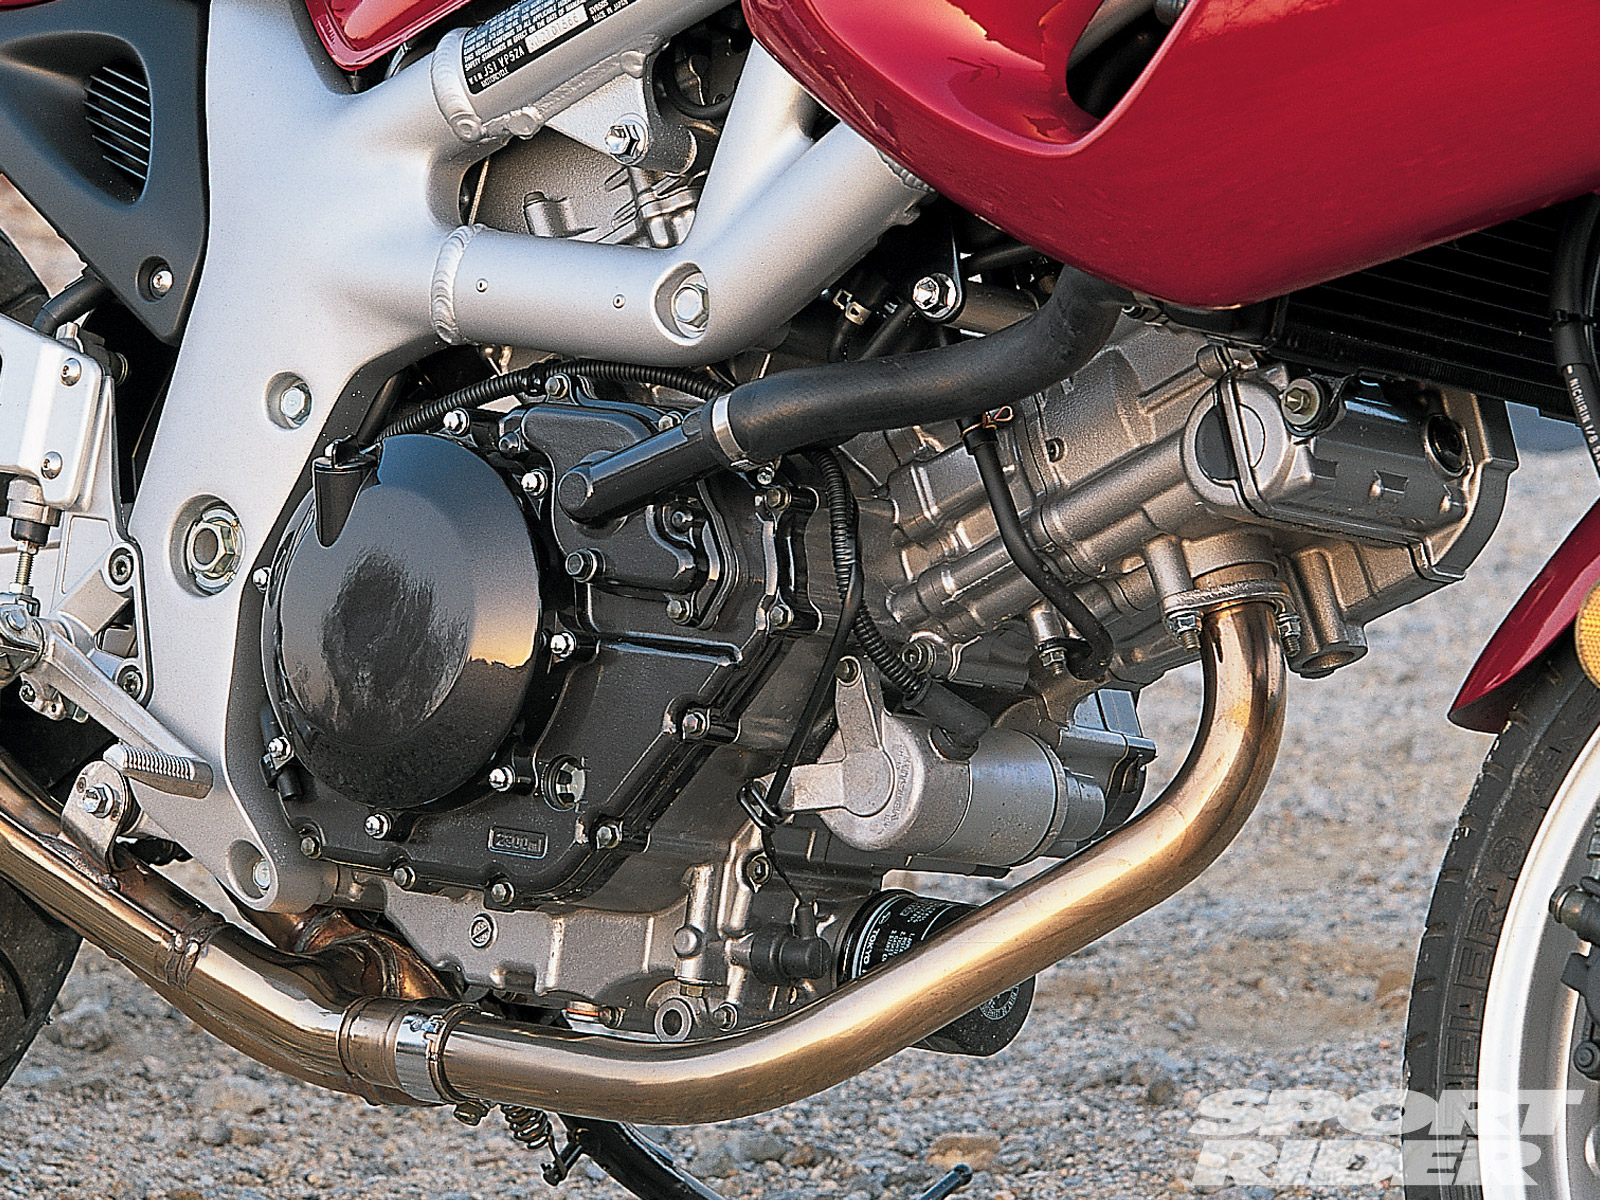 suzuki_sv650+engine+motore